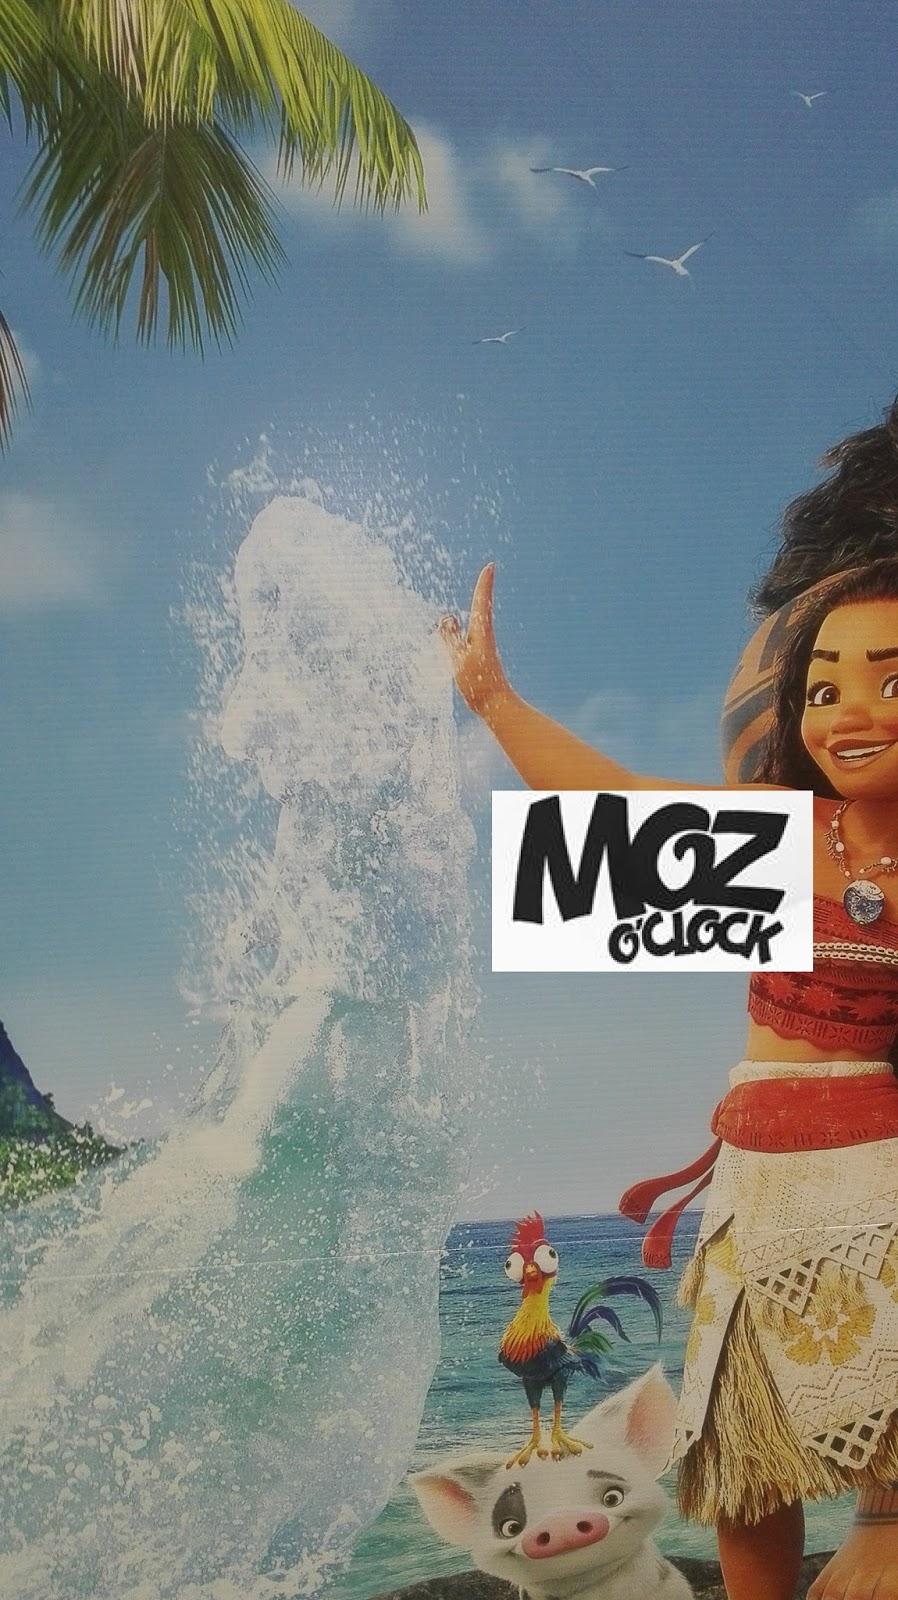 [MEME] messaggio subliminale in Oceania, film Disney